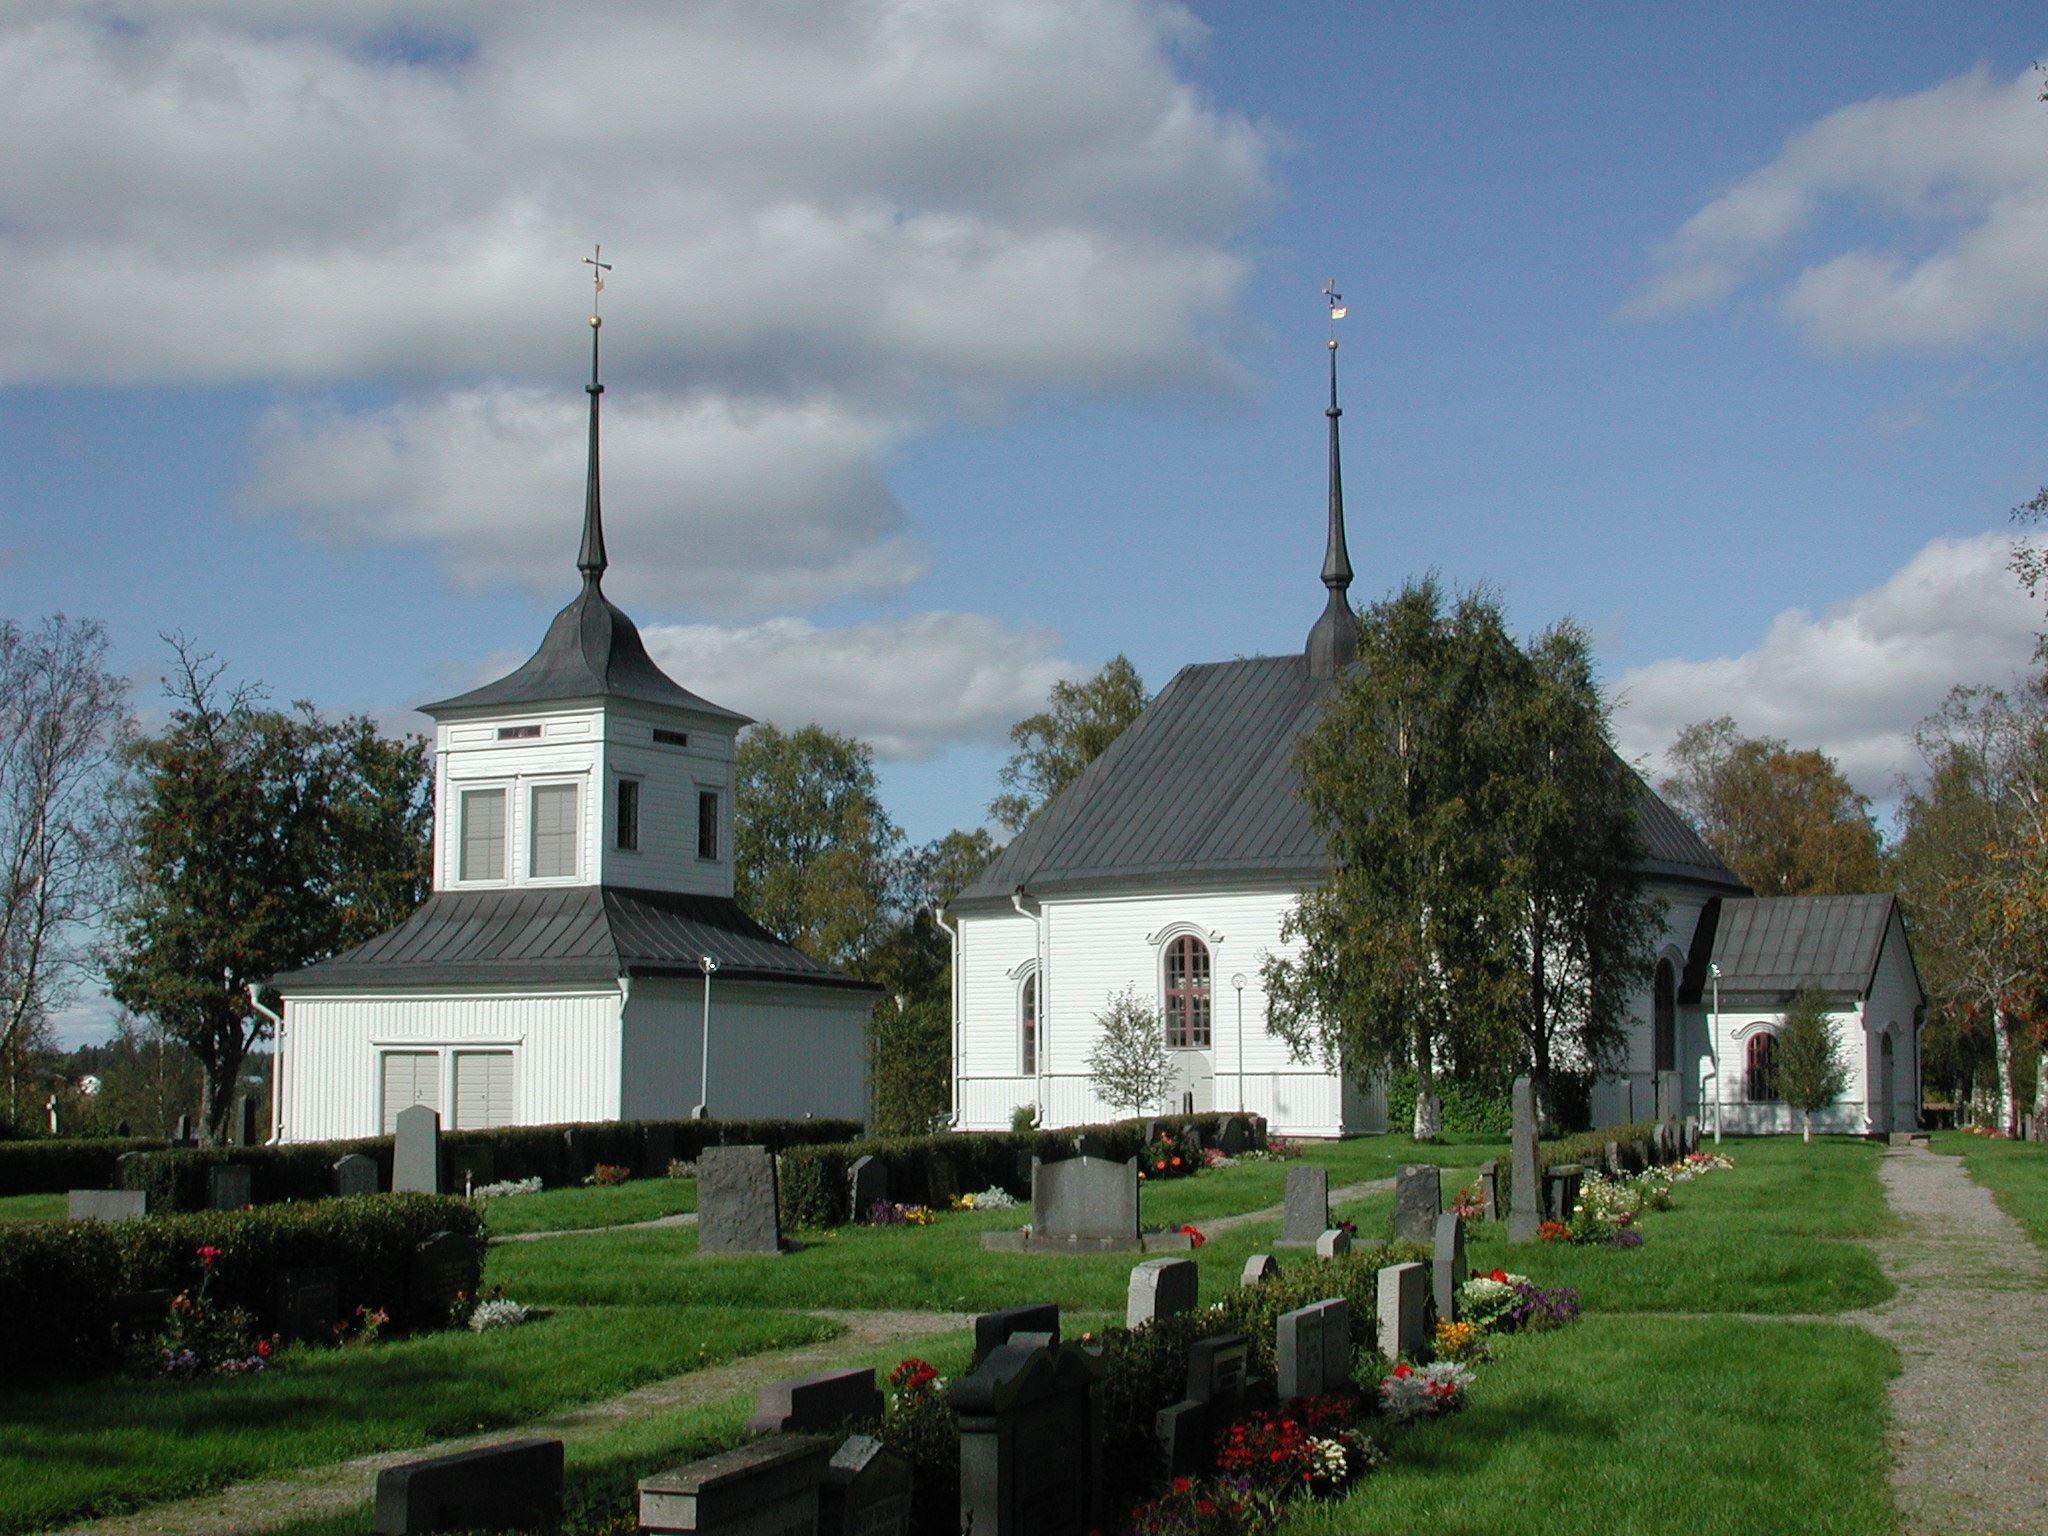 Nysätra kyrka